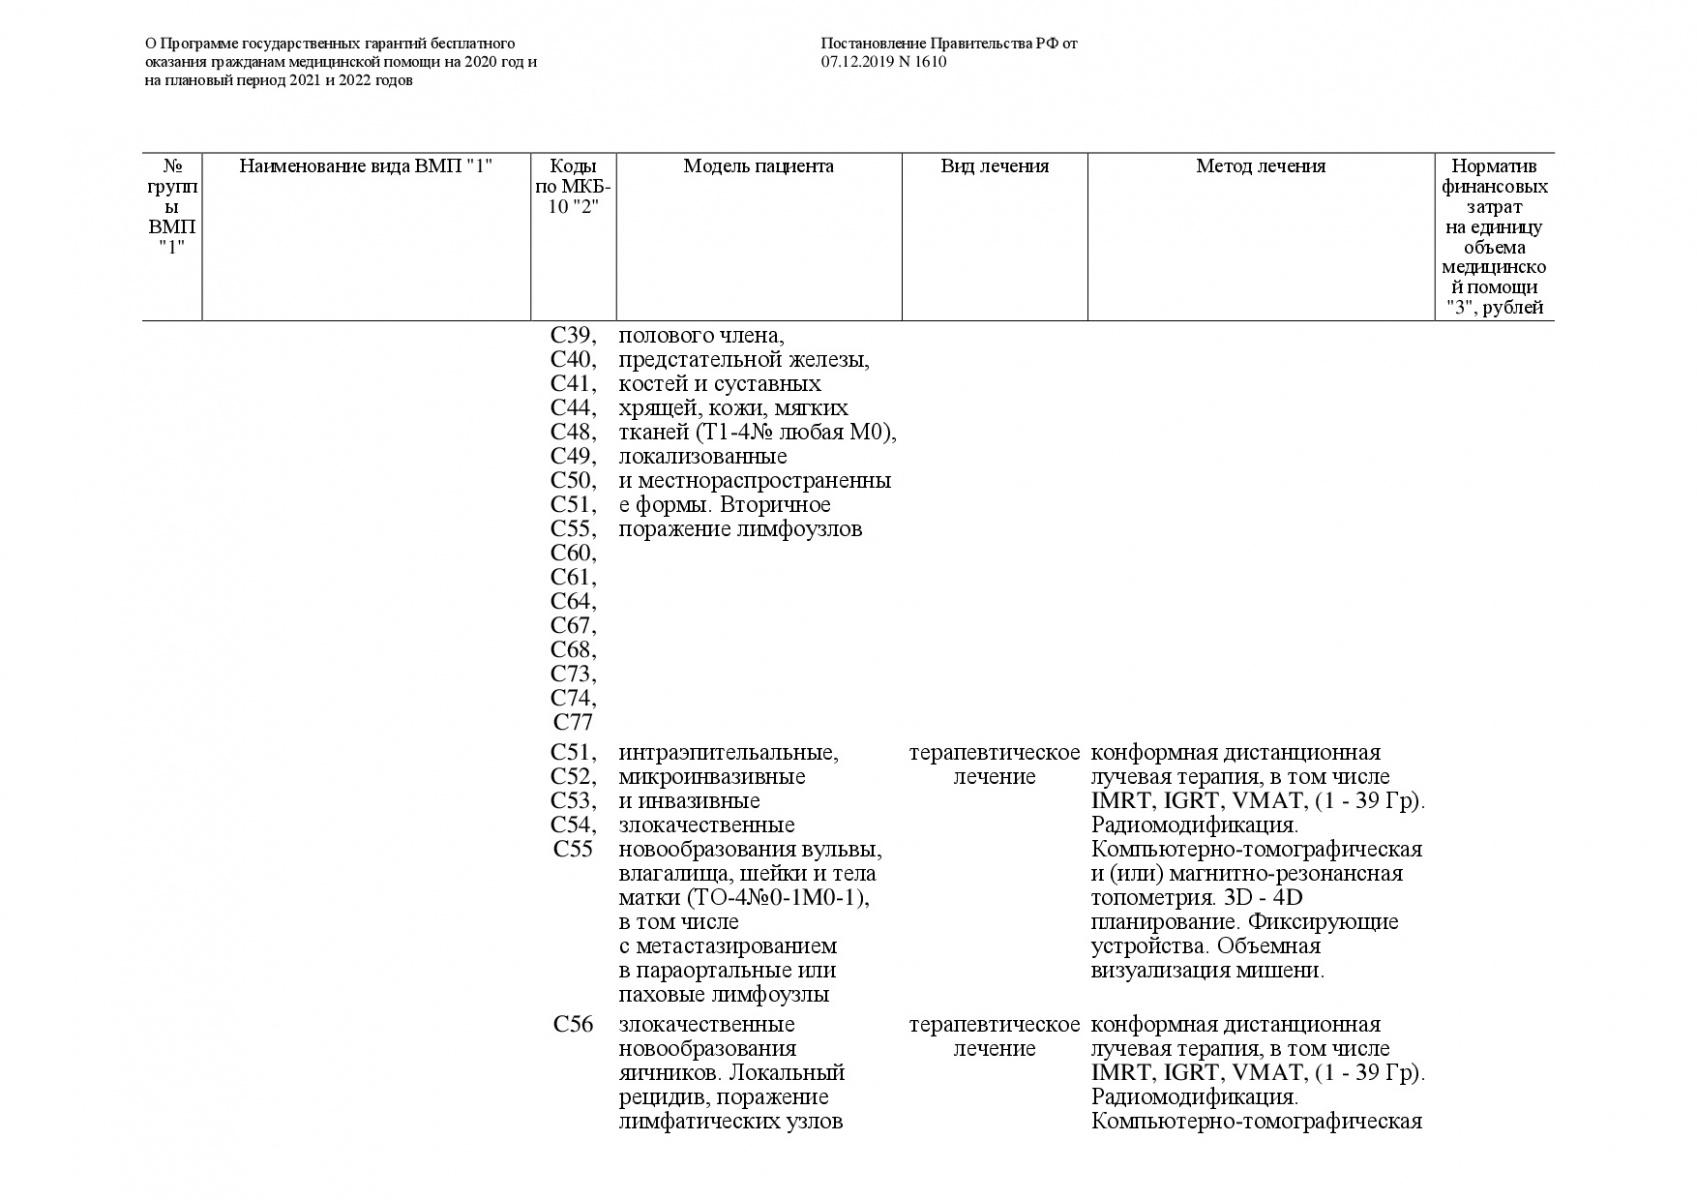 Postanovlenie-Pravitelstva-RF-ot-07_12_2019-1610-O-PGG-097